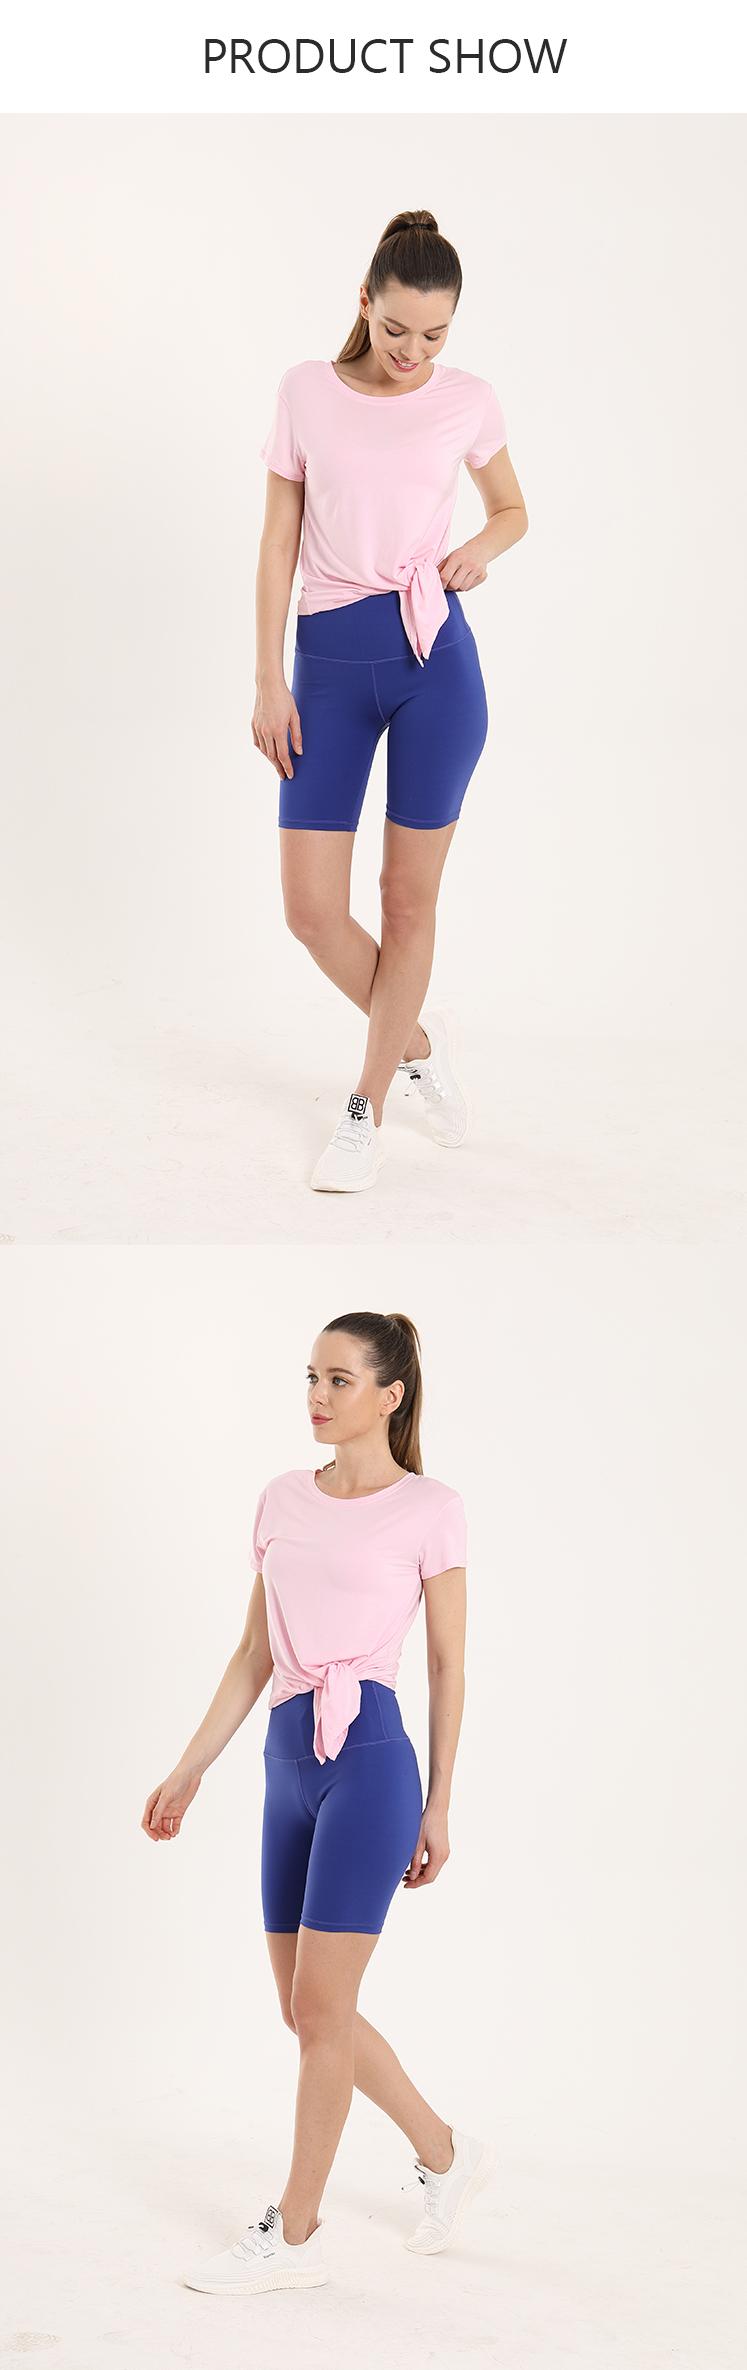 BWST004 Sexy Slim Fit Anteriore Tie Girocollo Manica Corta Donna di Sport di Yoga Crop Top